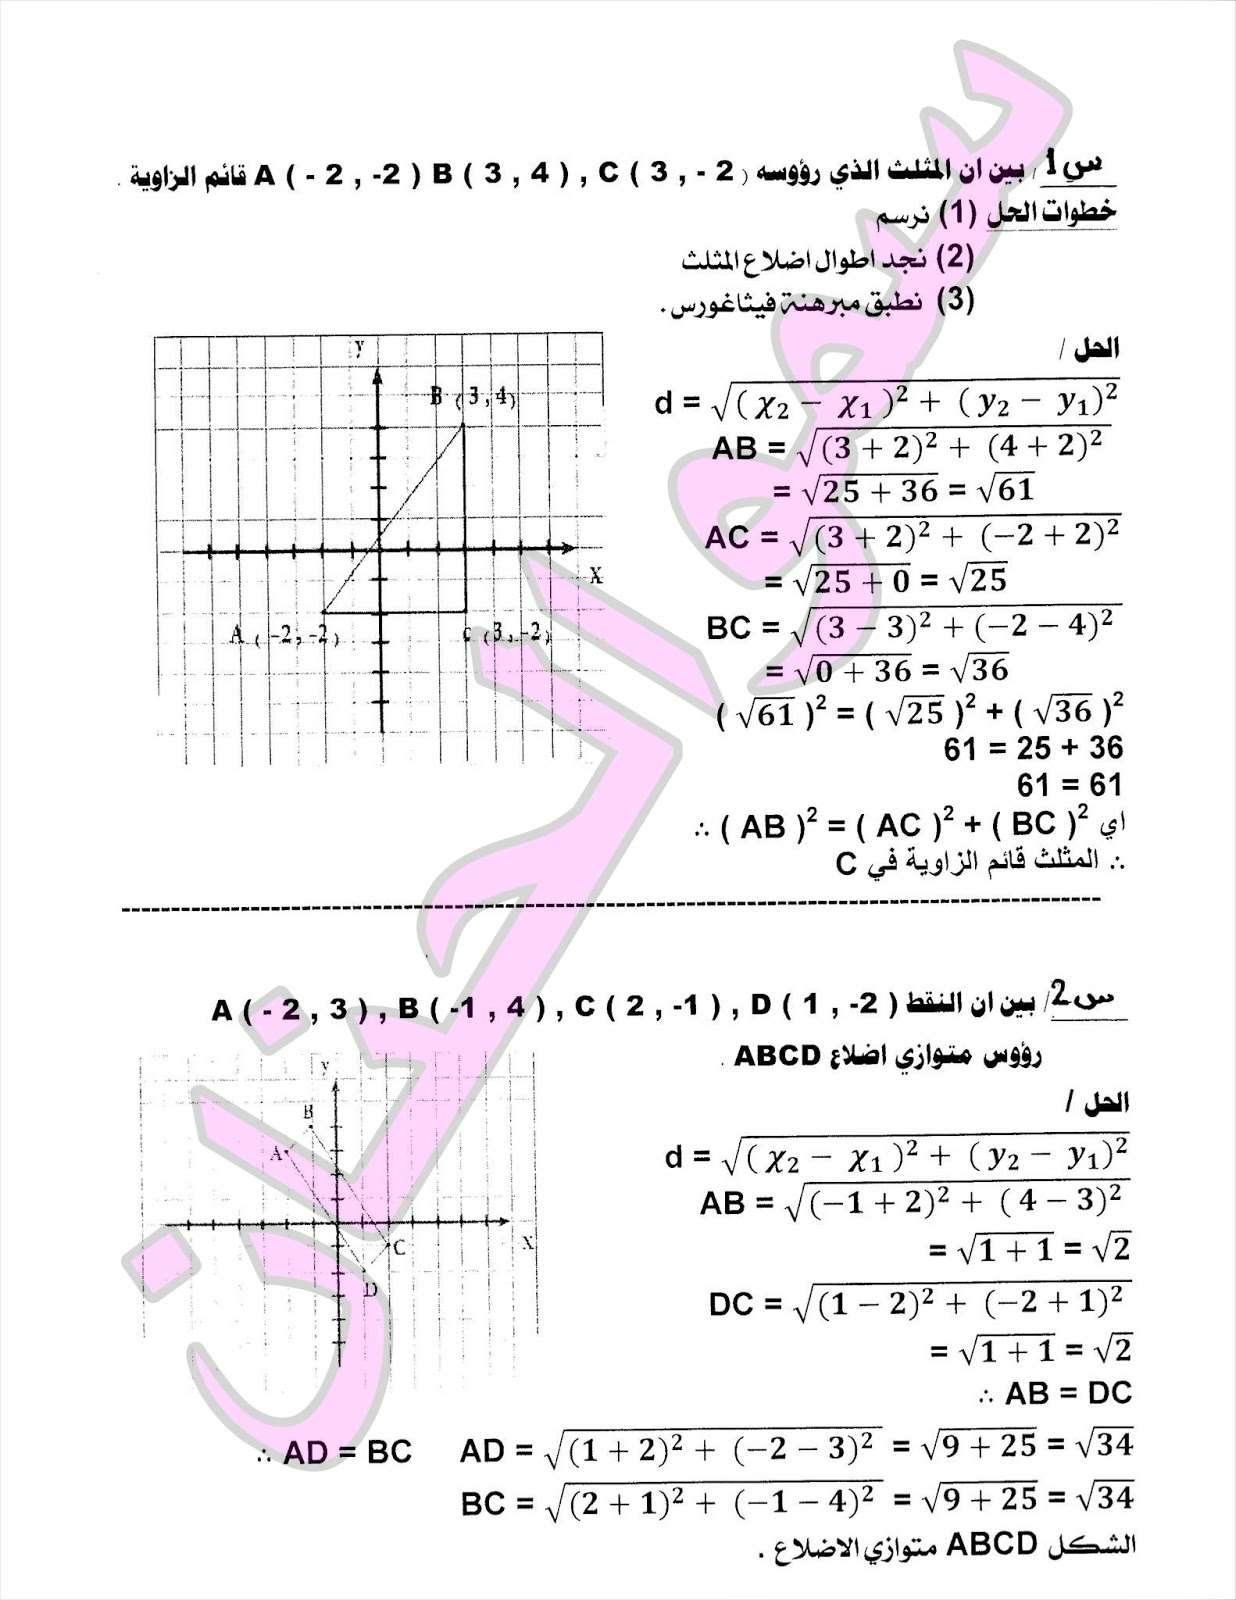 المراجعة المركزة وملخص لمادة الرياضيات للصف الثالث المتوسط 2017 | الجزء 3 22222210